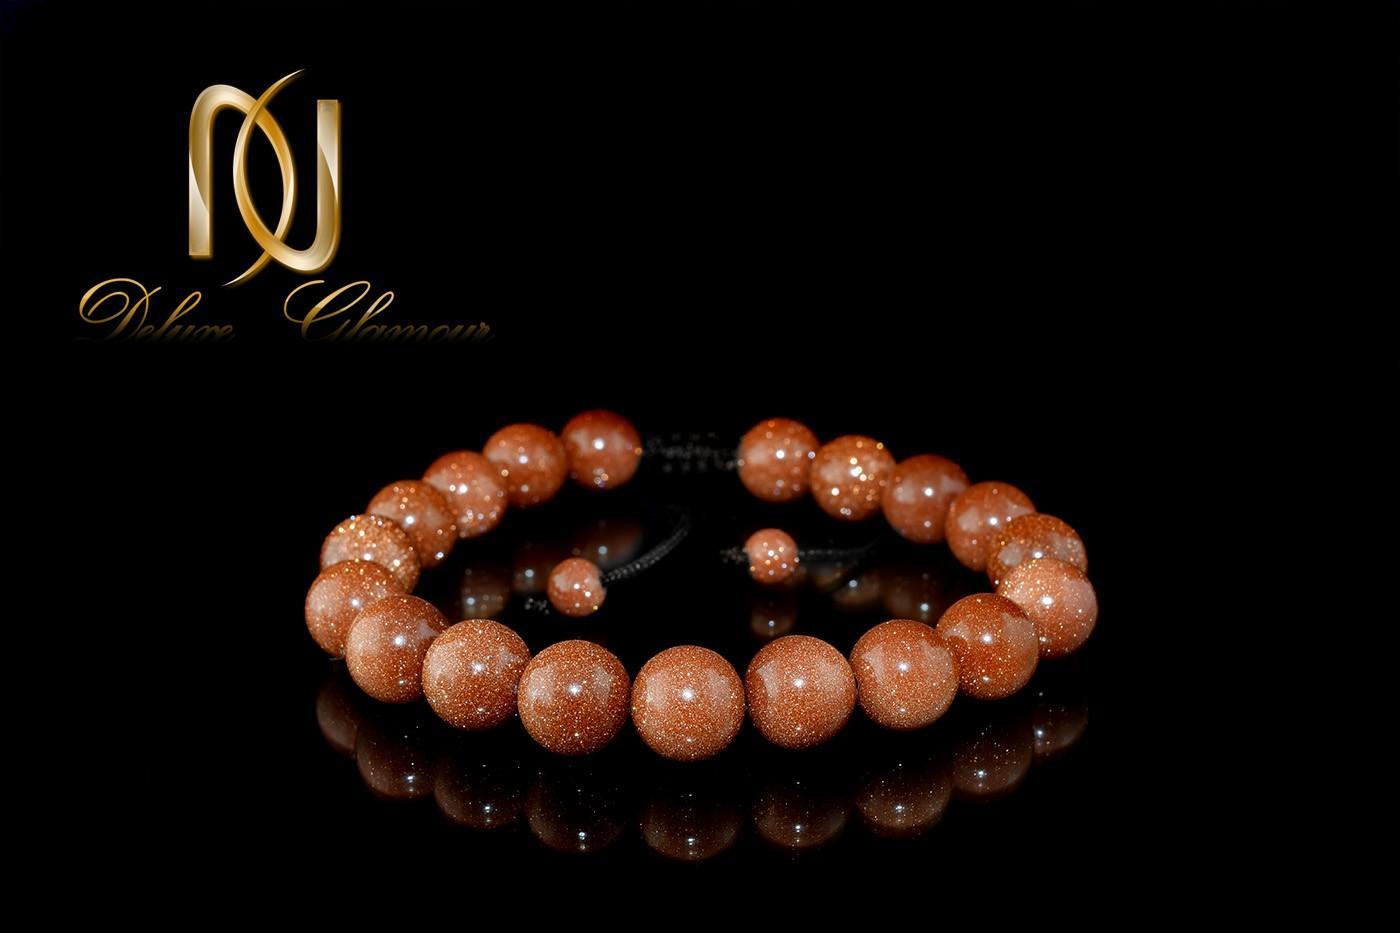 دستبند دخترانه اسپرت با سنگ عقیق دلربا ds-270 از نمای مشکی